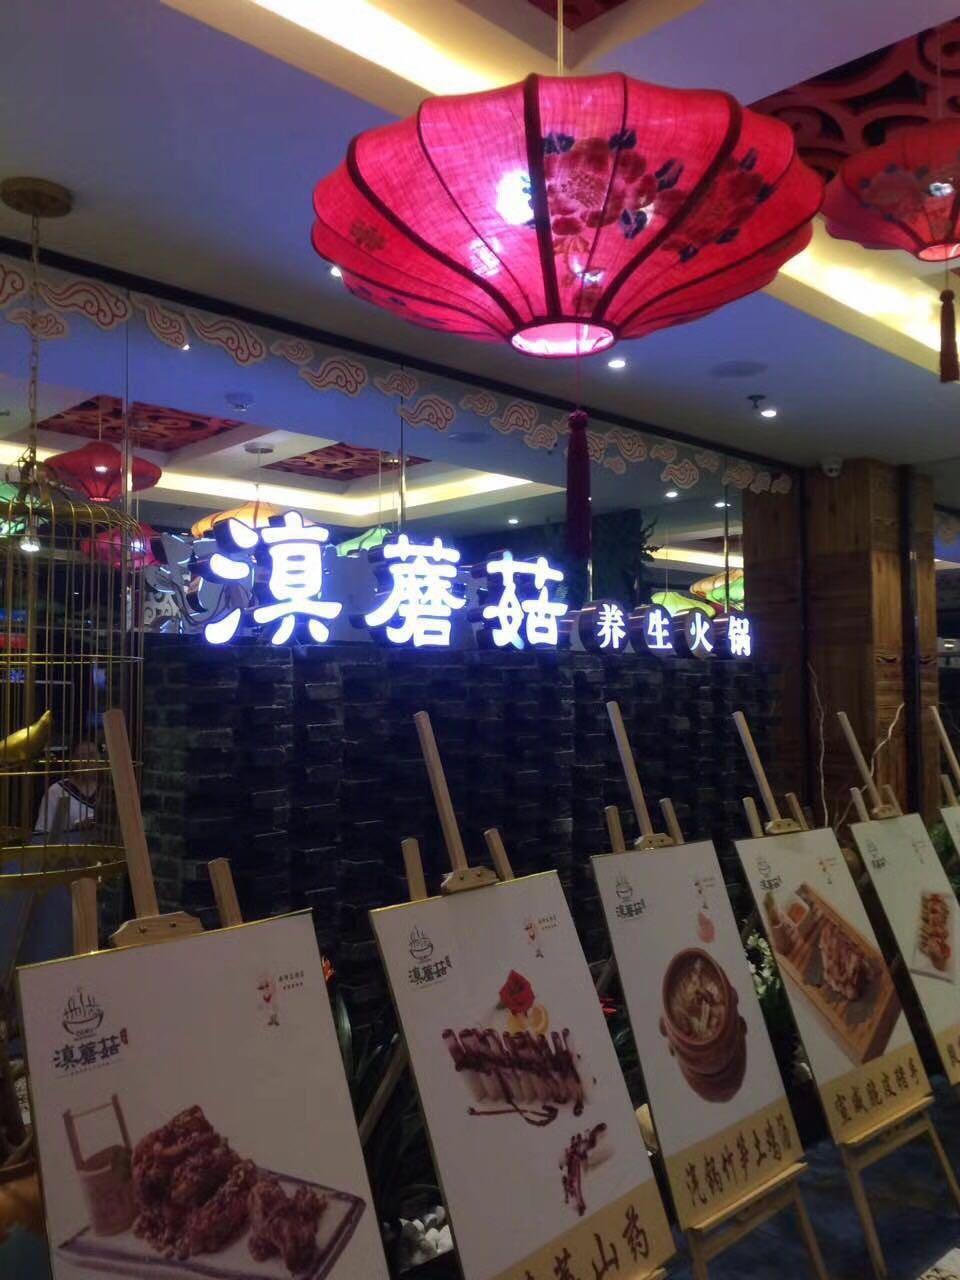 餐饮店无线网络案例——北京烤鸭 滇蘑菇无线网络改造项目